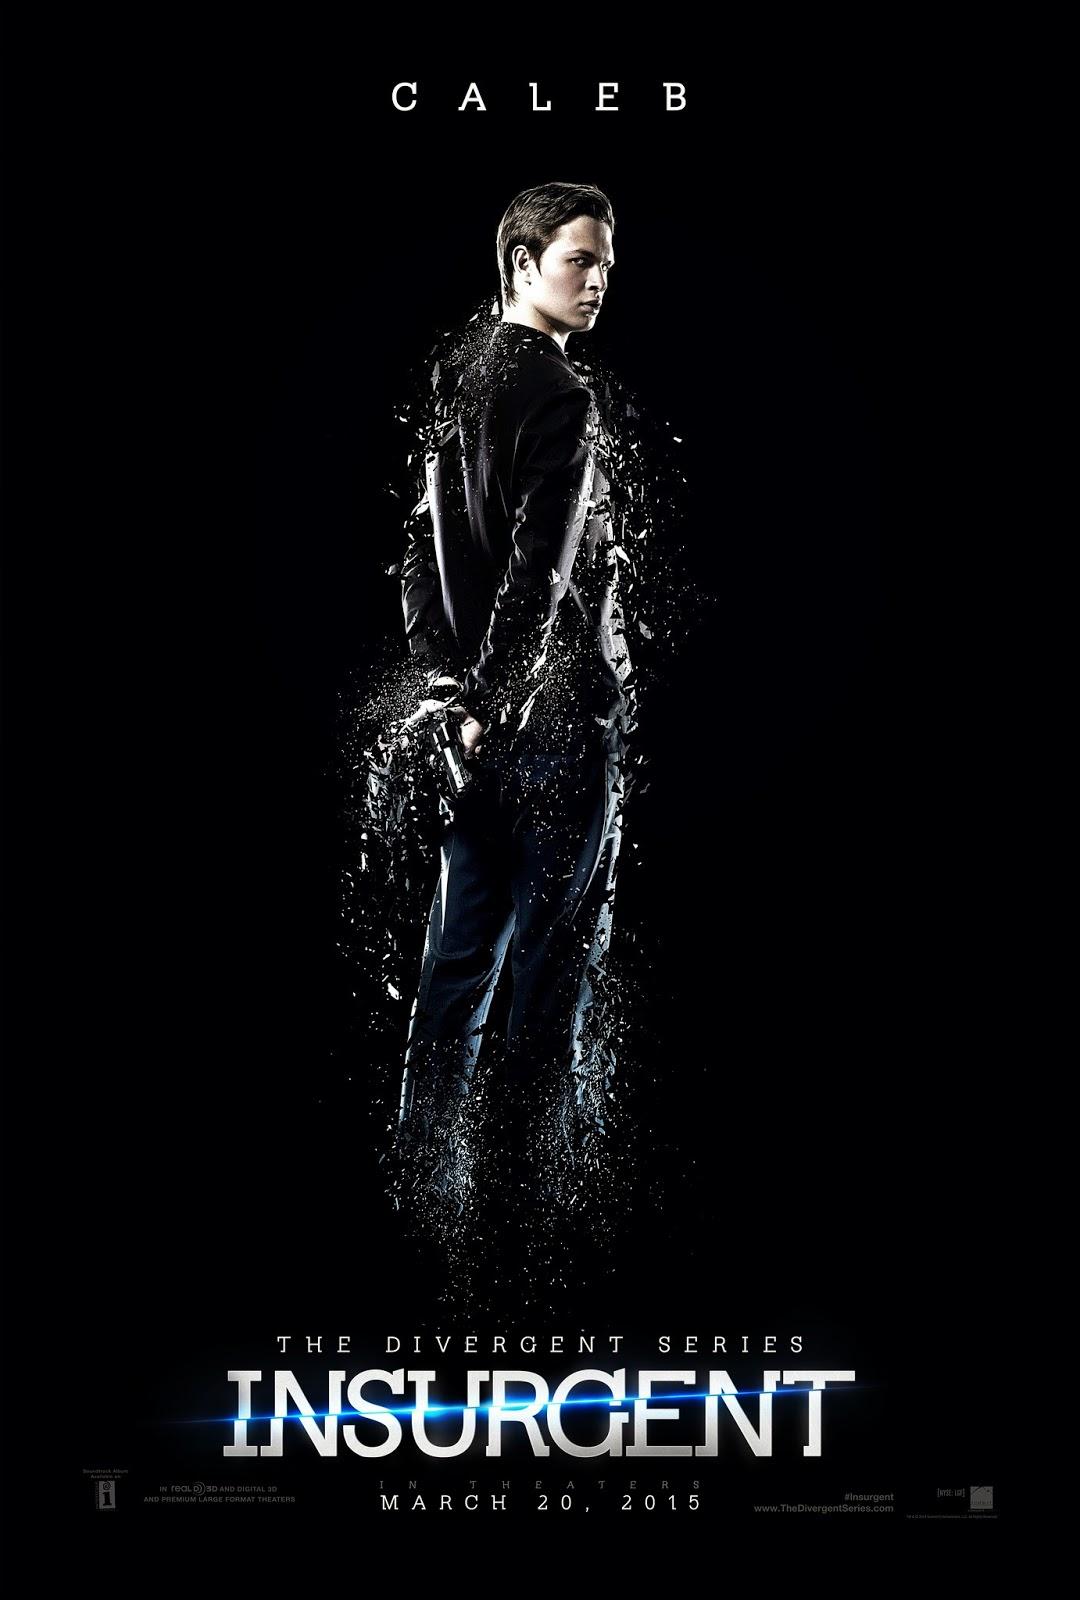 Caleb Insurgent